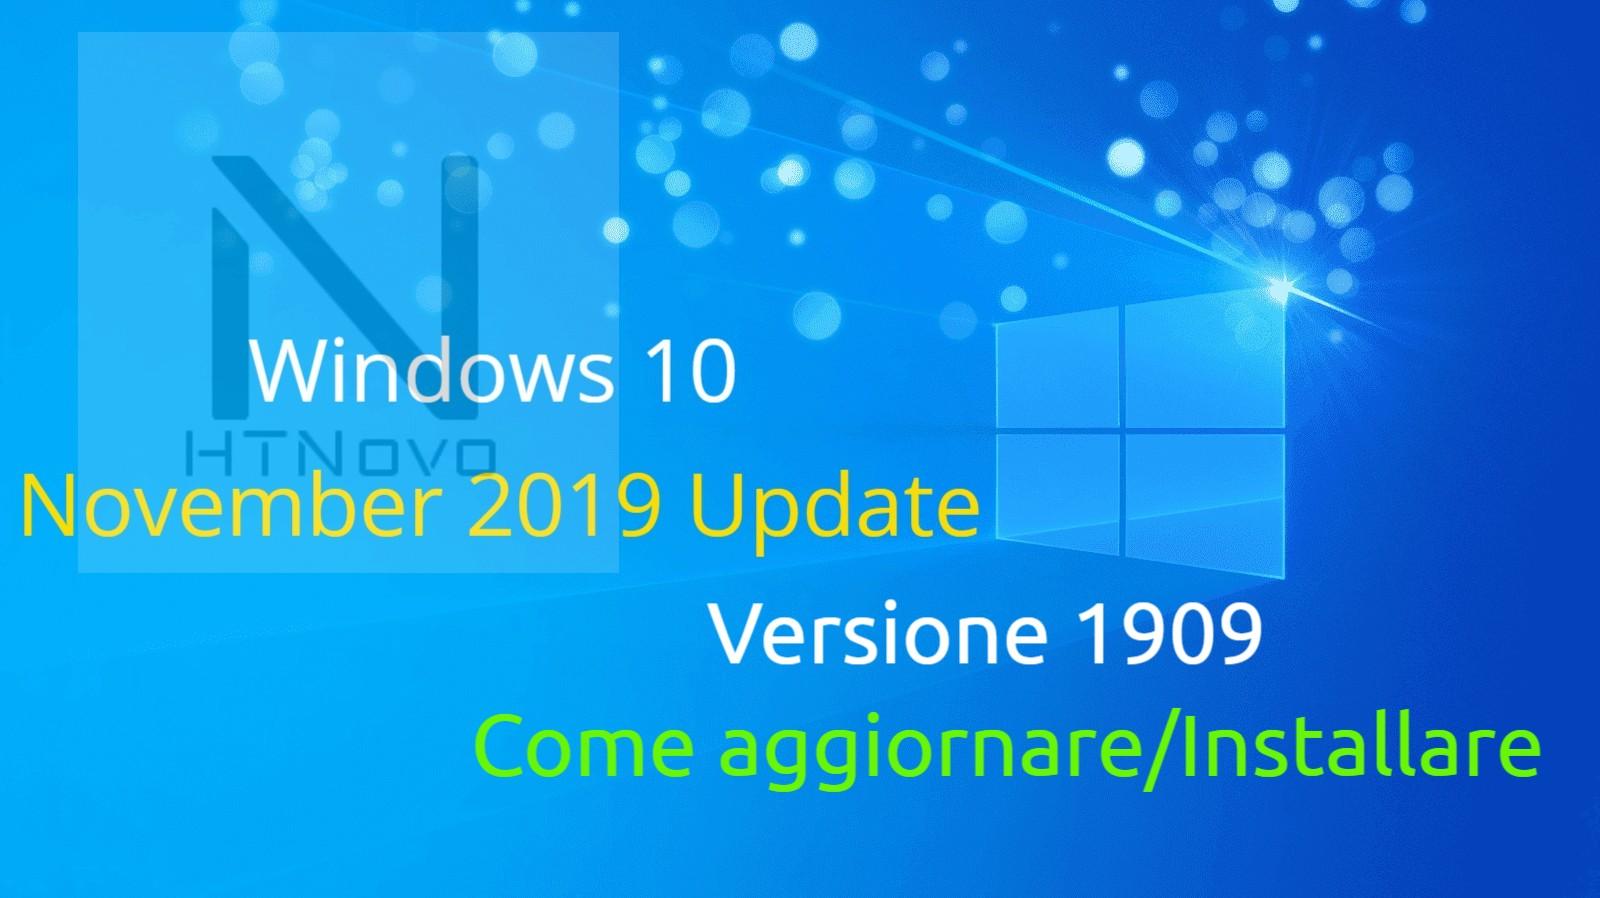 Come-aggiornare-windows-10-versione-1909